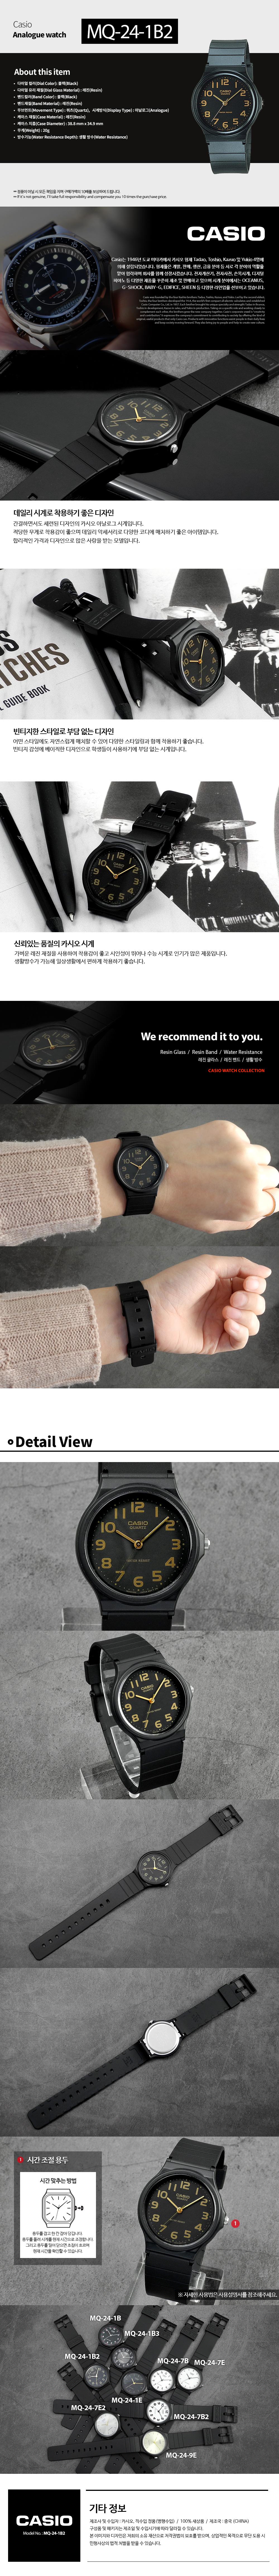 카시오(CASIO) MQ-24-1B2 남여공용 학생 우레탄밴드 손목시계